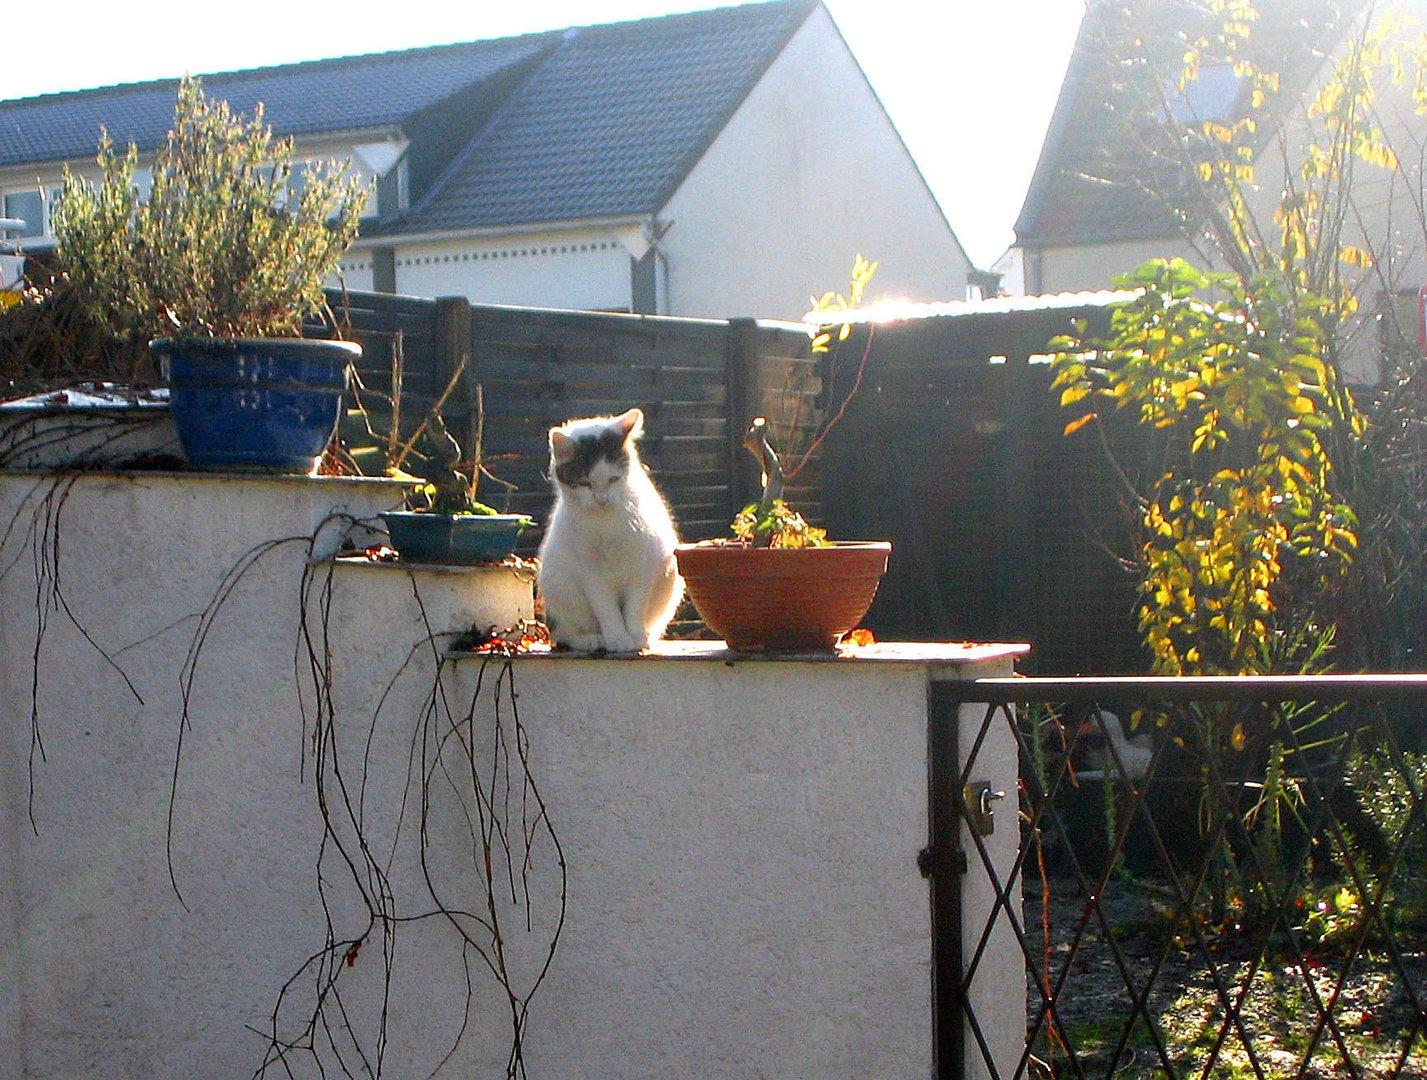 Katze im Gegenlicht